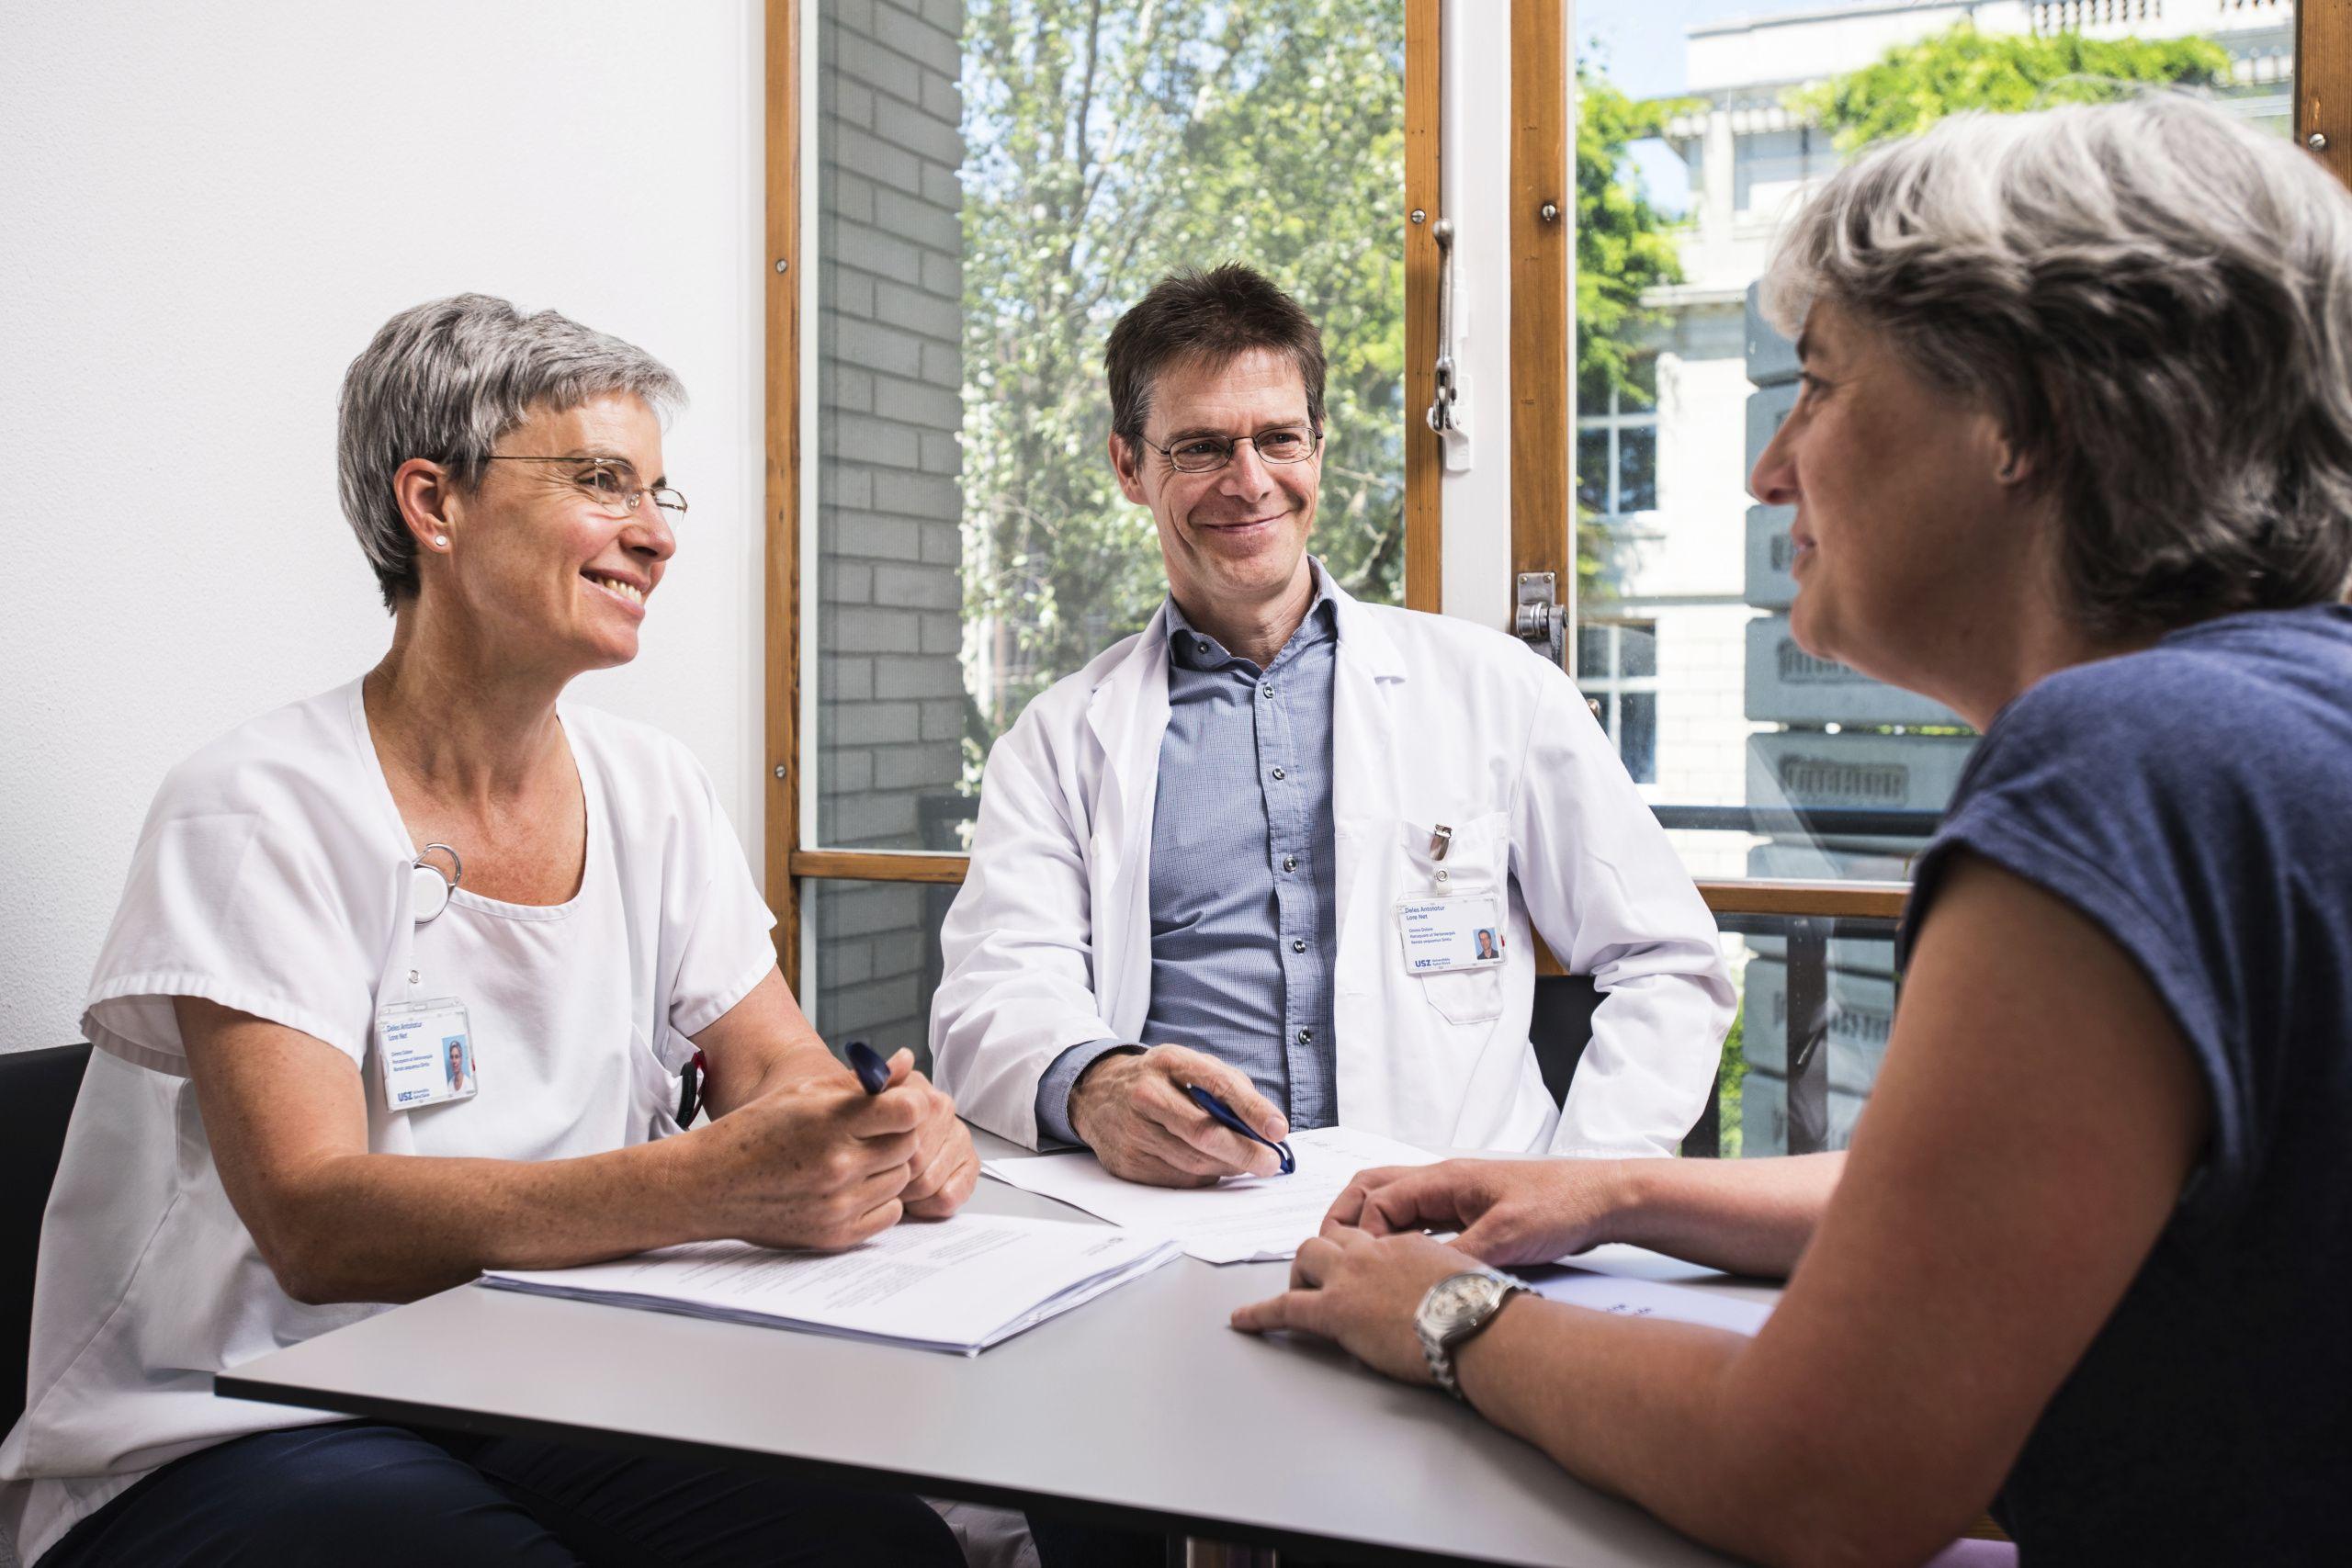 Ein Arzt und eine Pflegeexpertin beraten eine Patientin